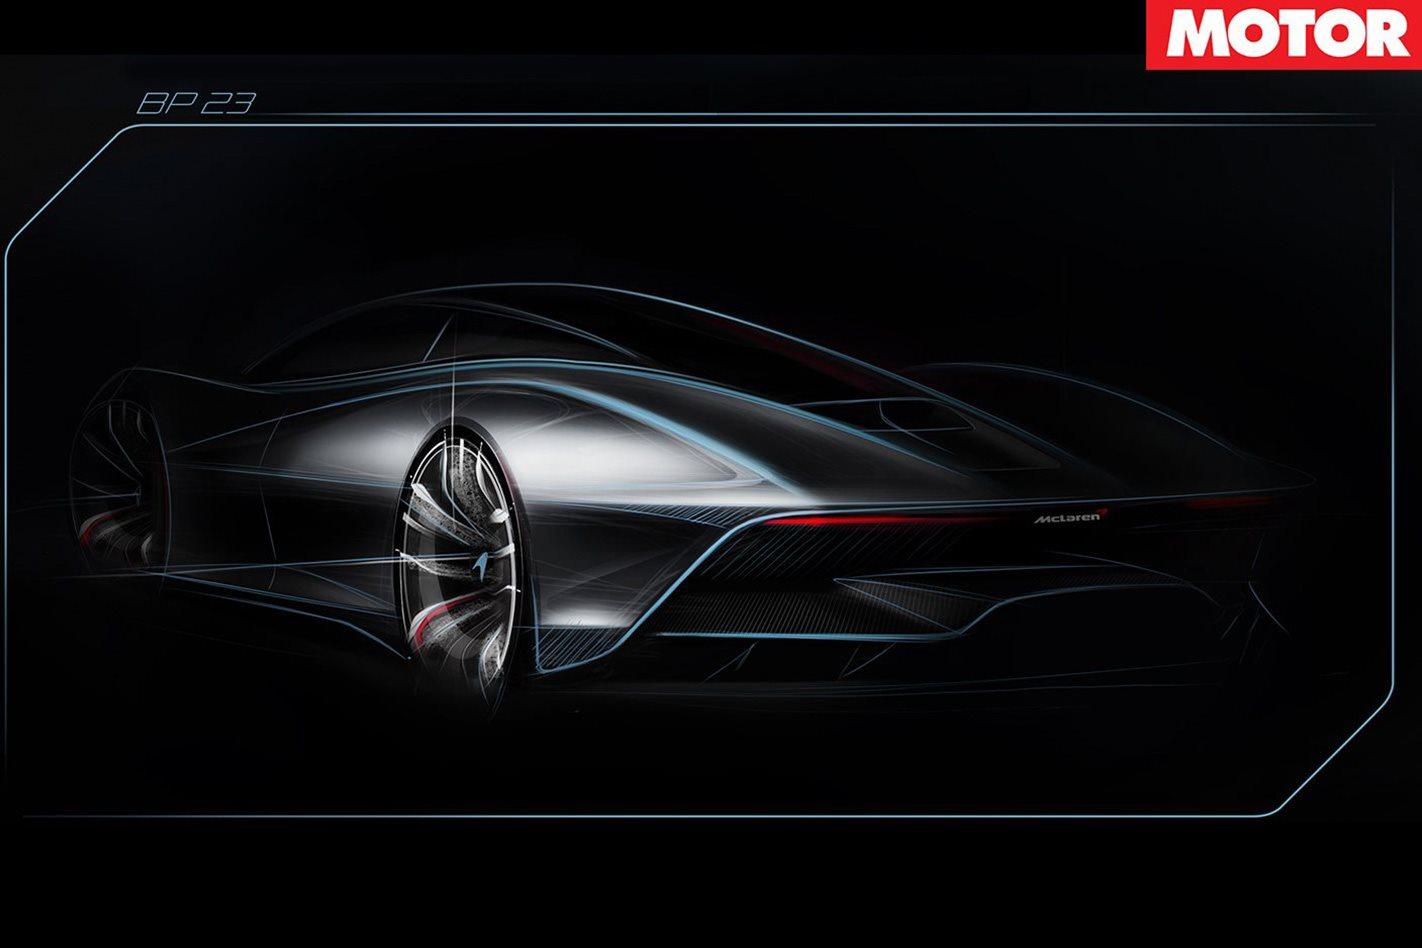 McLaren-BP23-rear-design.jpg